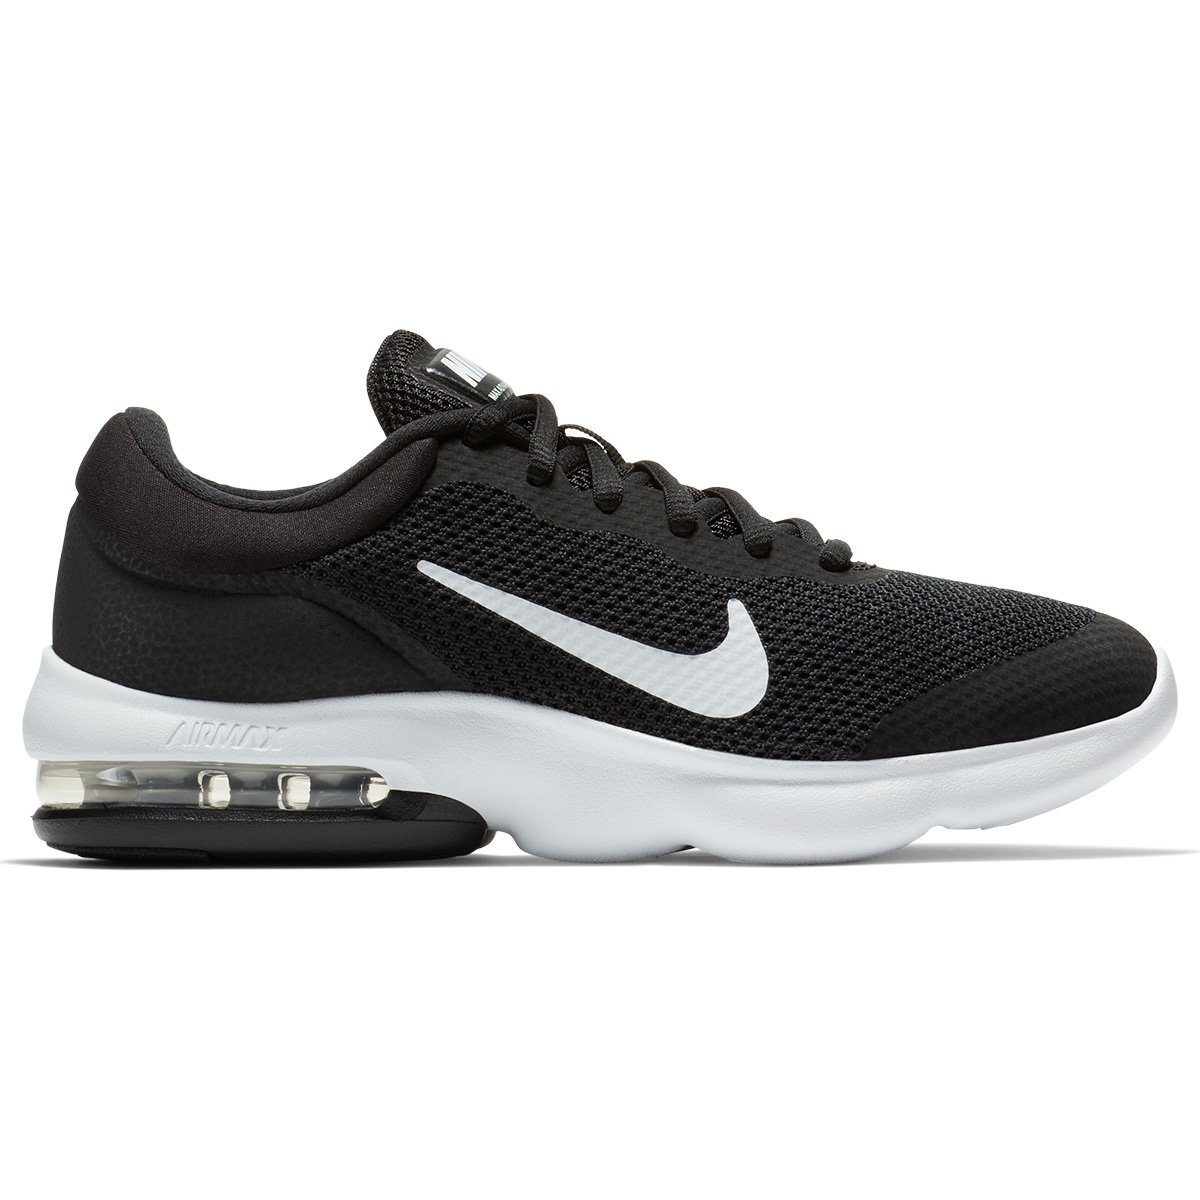 7f3e8cace57a8 Tênis Nike Air Max Advantage Feminino - Preto e Branco | Shop Timão